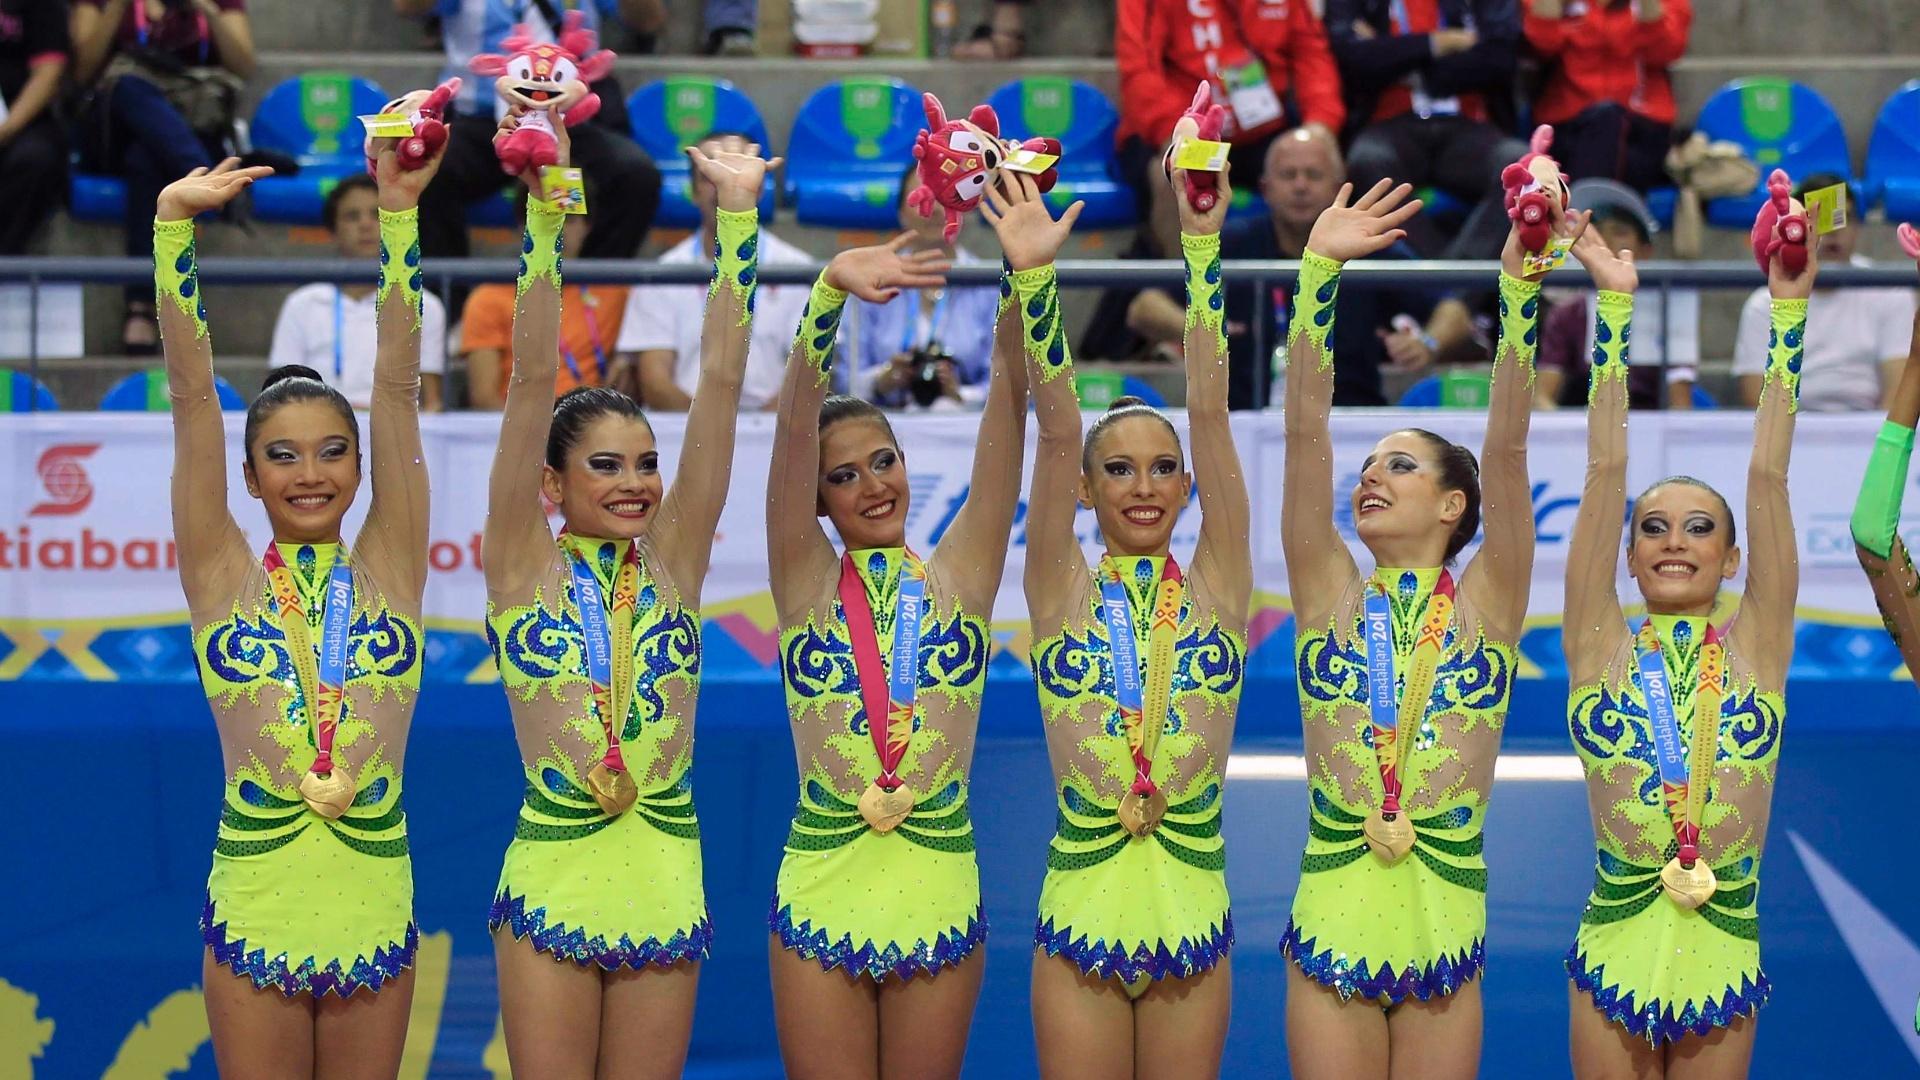 Brasileiras da ginástica rítmica comemoram a conquista da medalha de ouro em Guadalajara (16/10/2011)